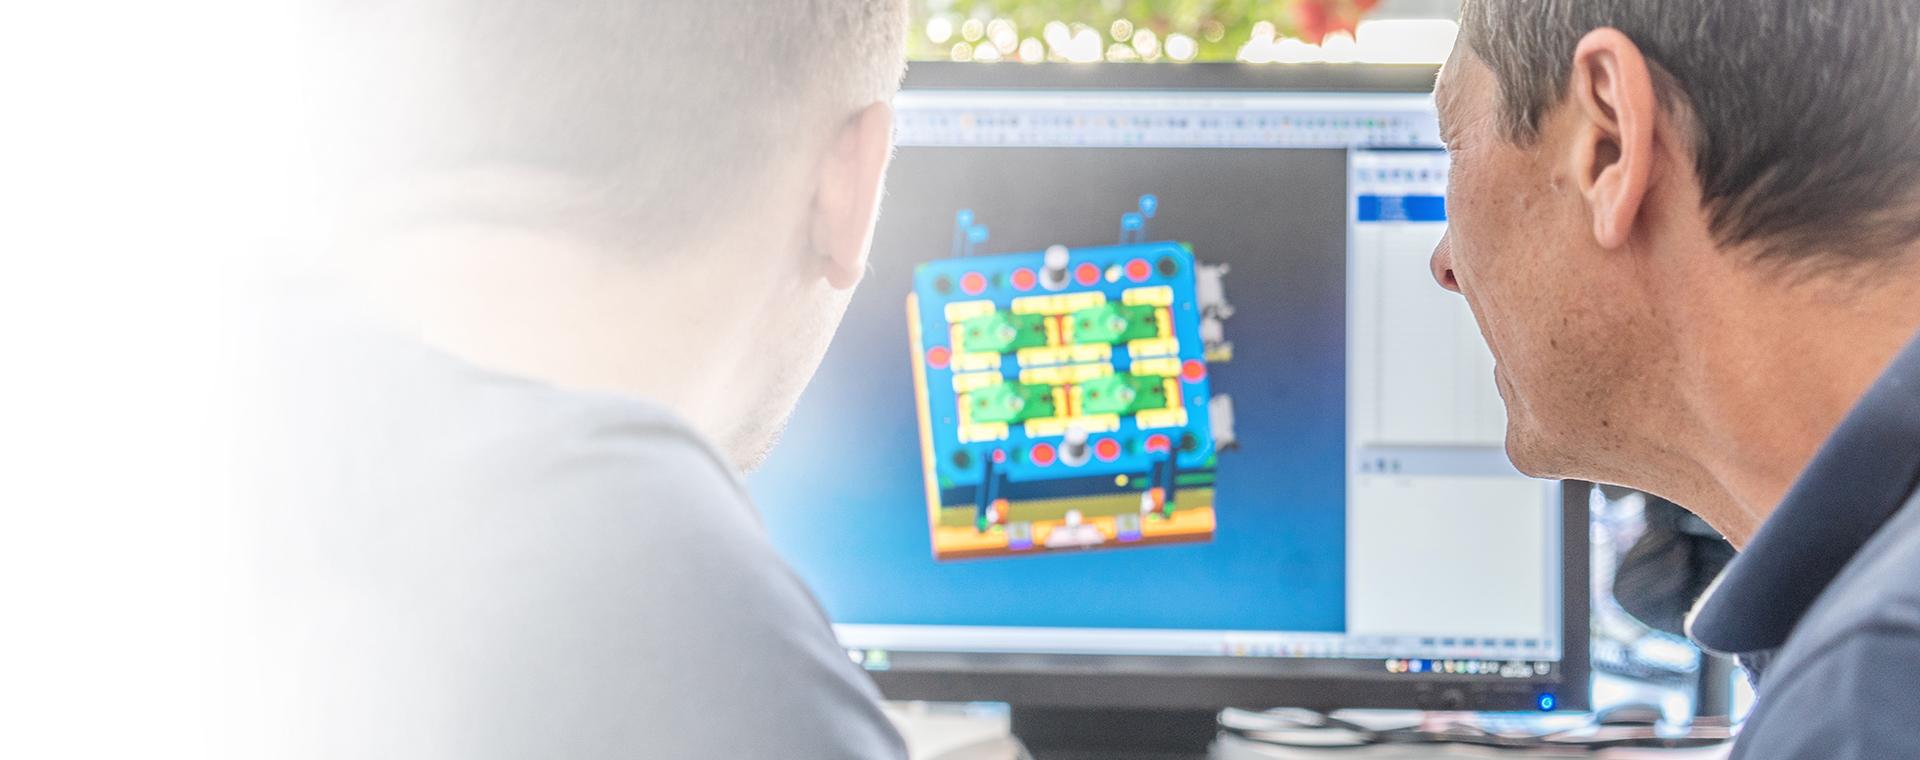 Entwicklung am Computer